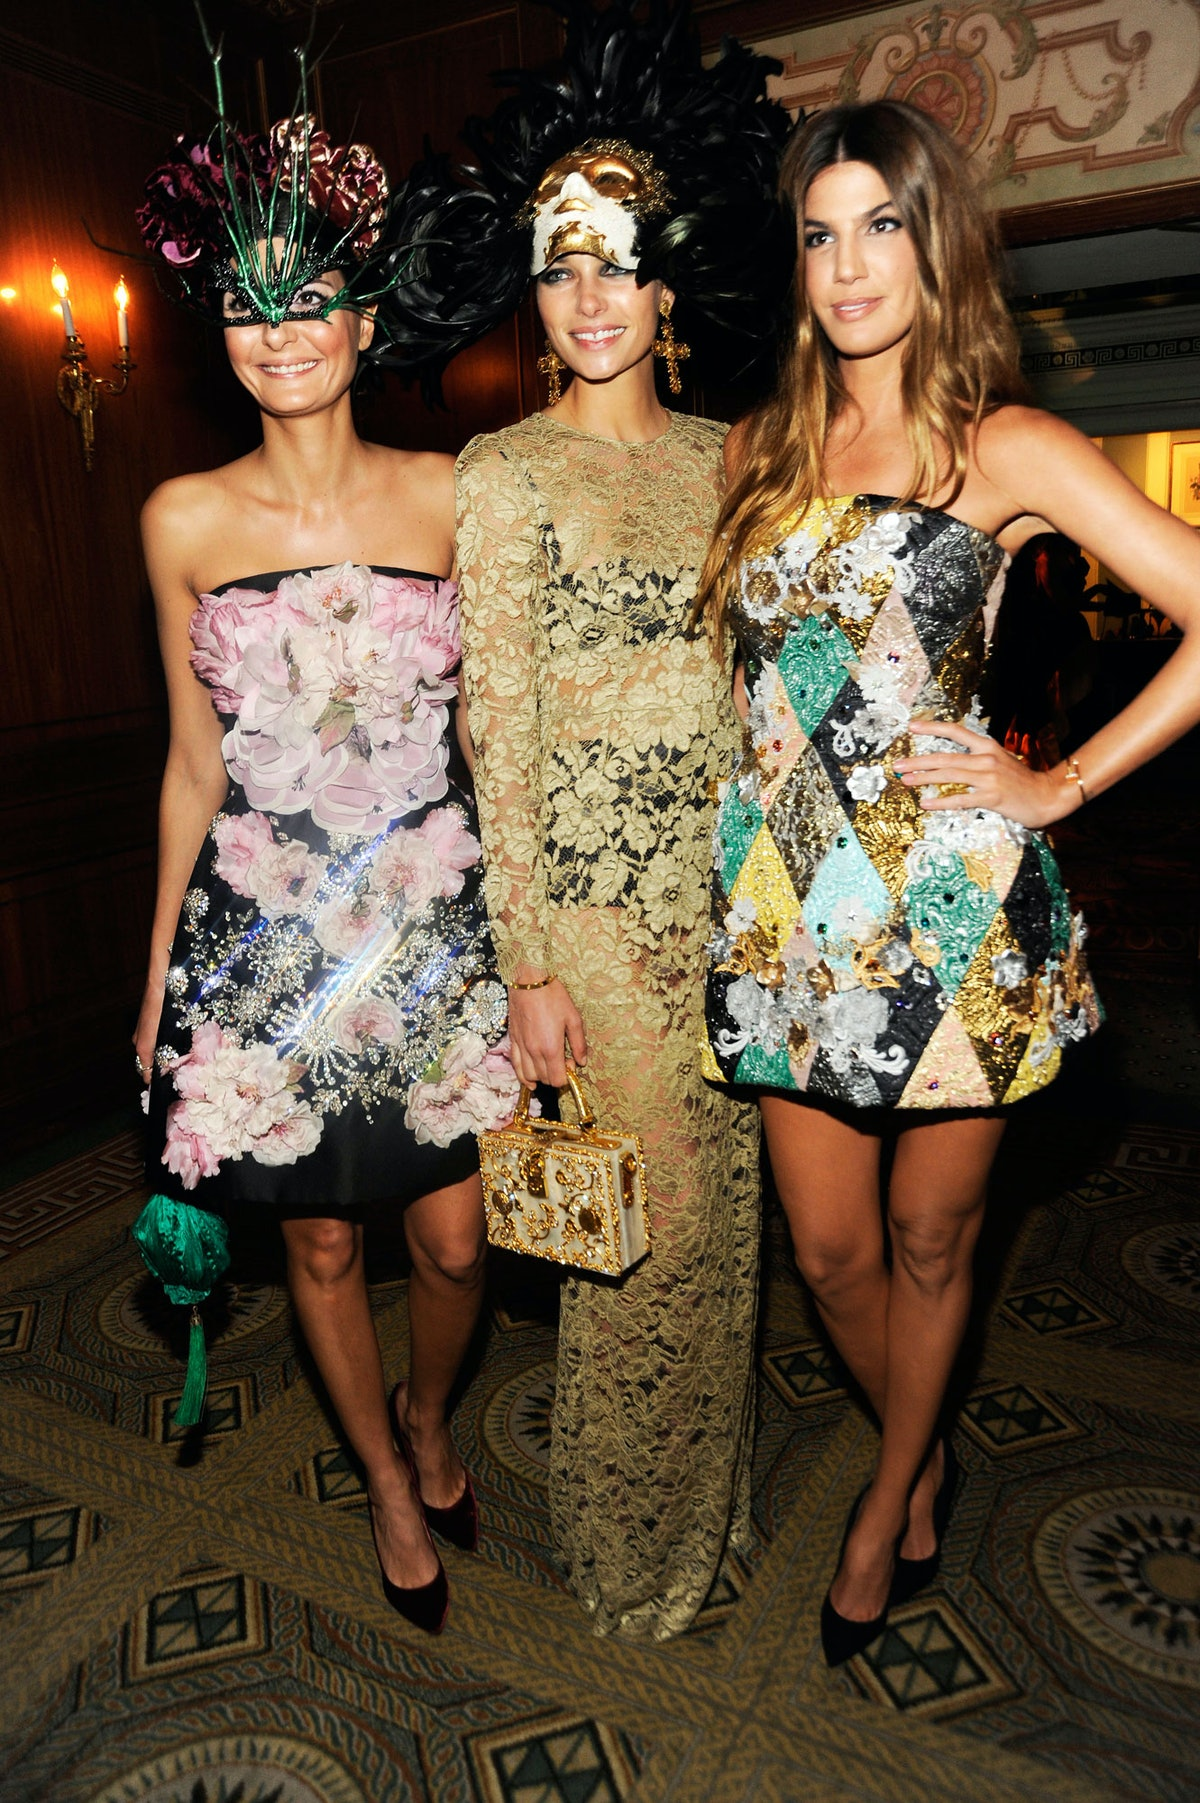 Giovanna Battaglia, Jessica Hart, and Bianca Brandolini